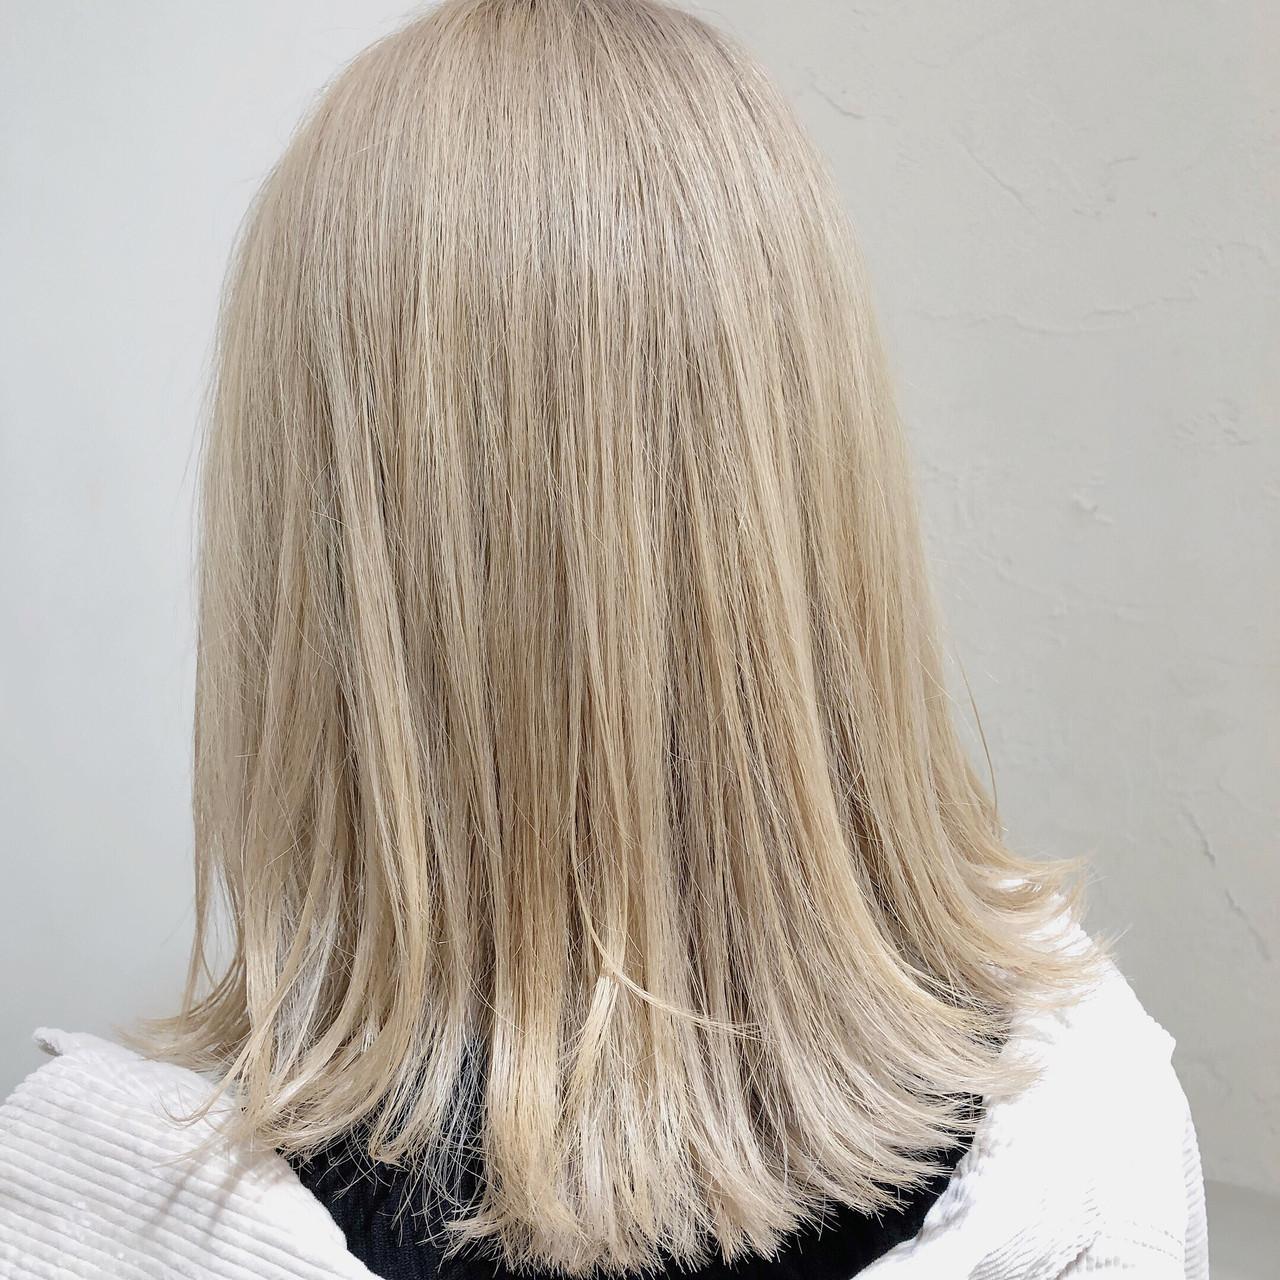 ブロンドカラー ストリート ミディアム ダブルカラー ヘアスタイルや髪型の写真・画像